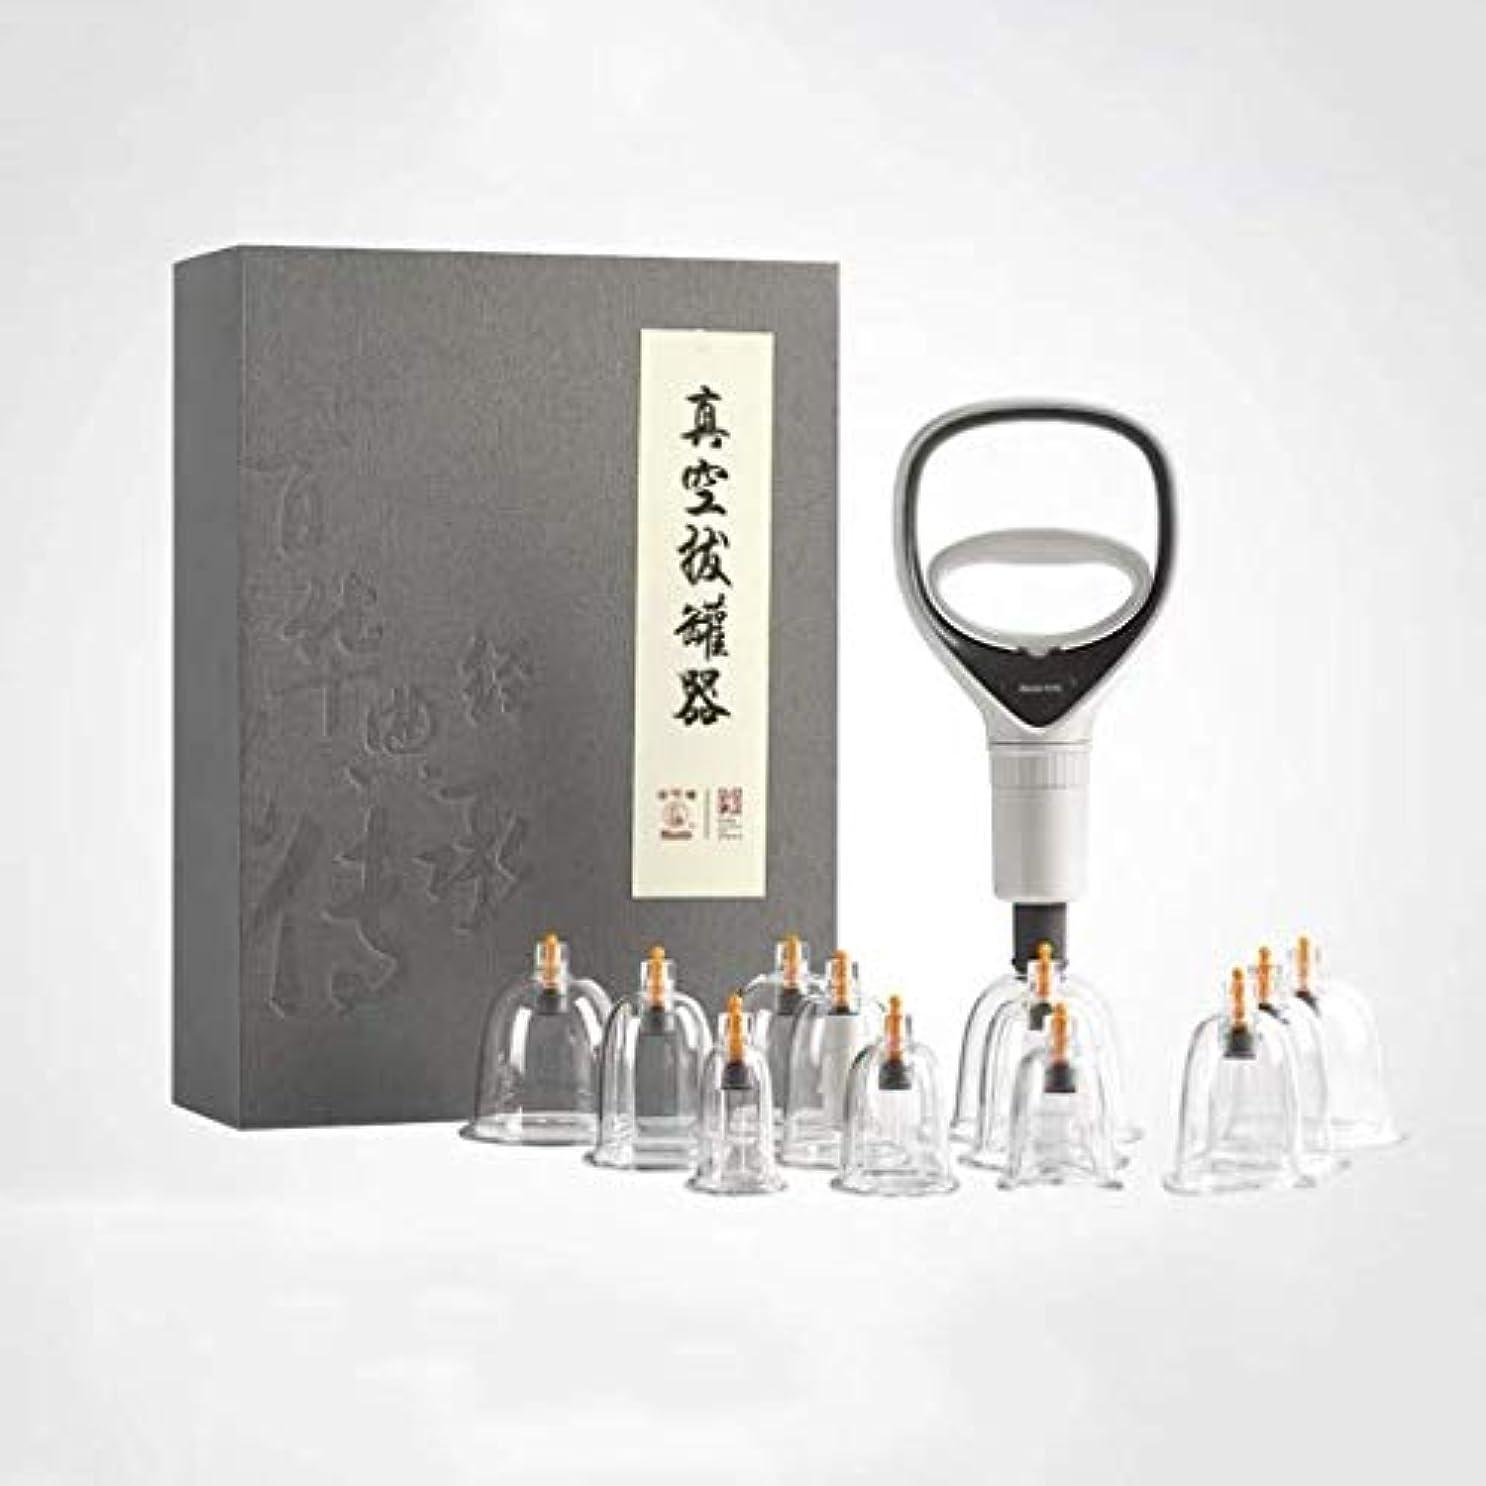 スキルクアッガジョージスティーブンソンカッピングセットのプロフェッショナル中国のツボカッピング療法カッピングセットのマッサージキットを設定します。